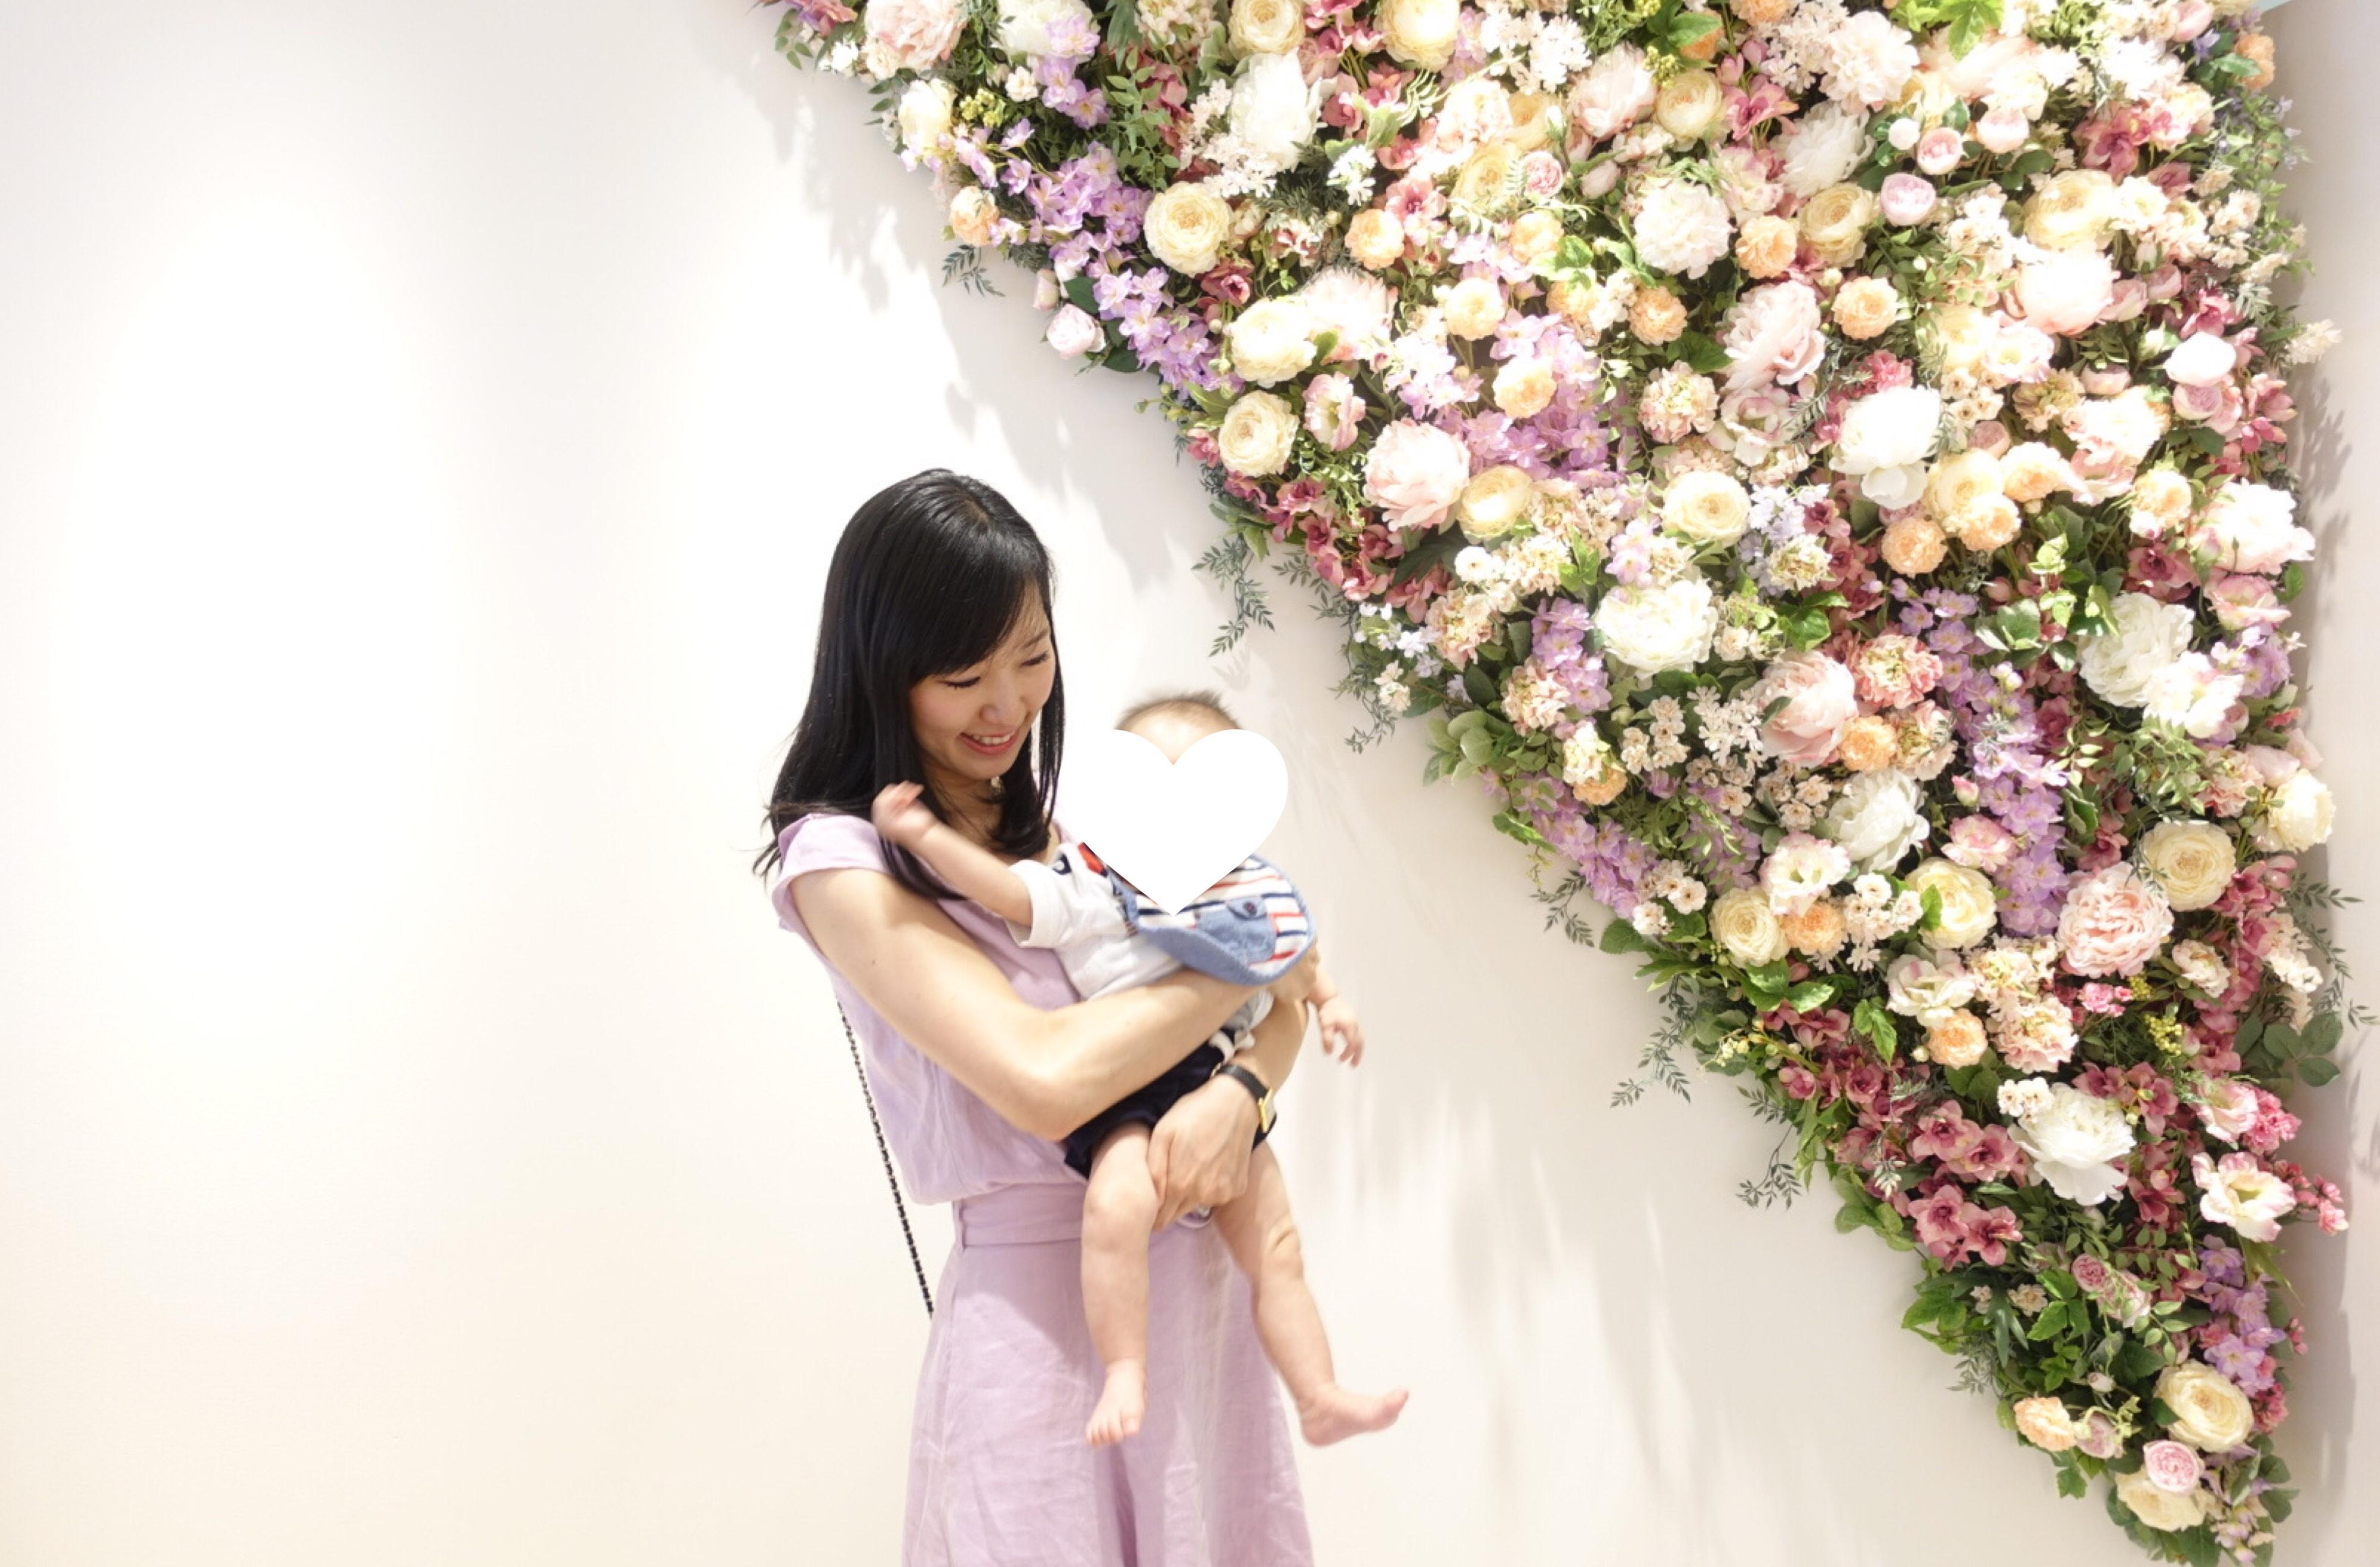 動き始めて大変!?生後5-9ヶ月の赤ちゃん連れフライトがスムーズにいくコツ4選